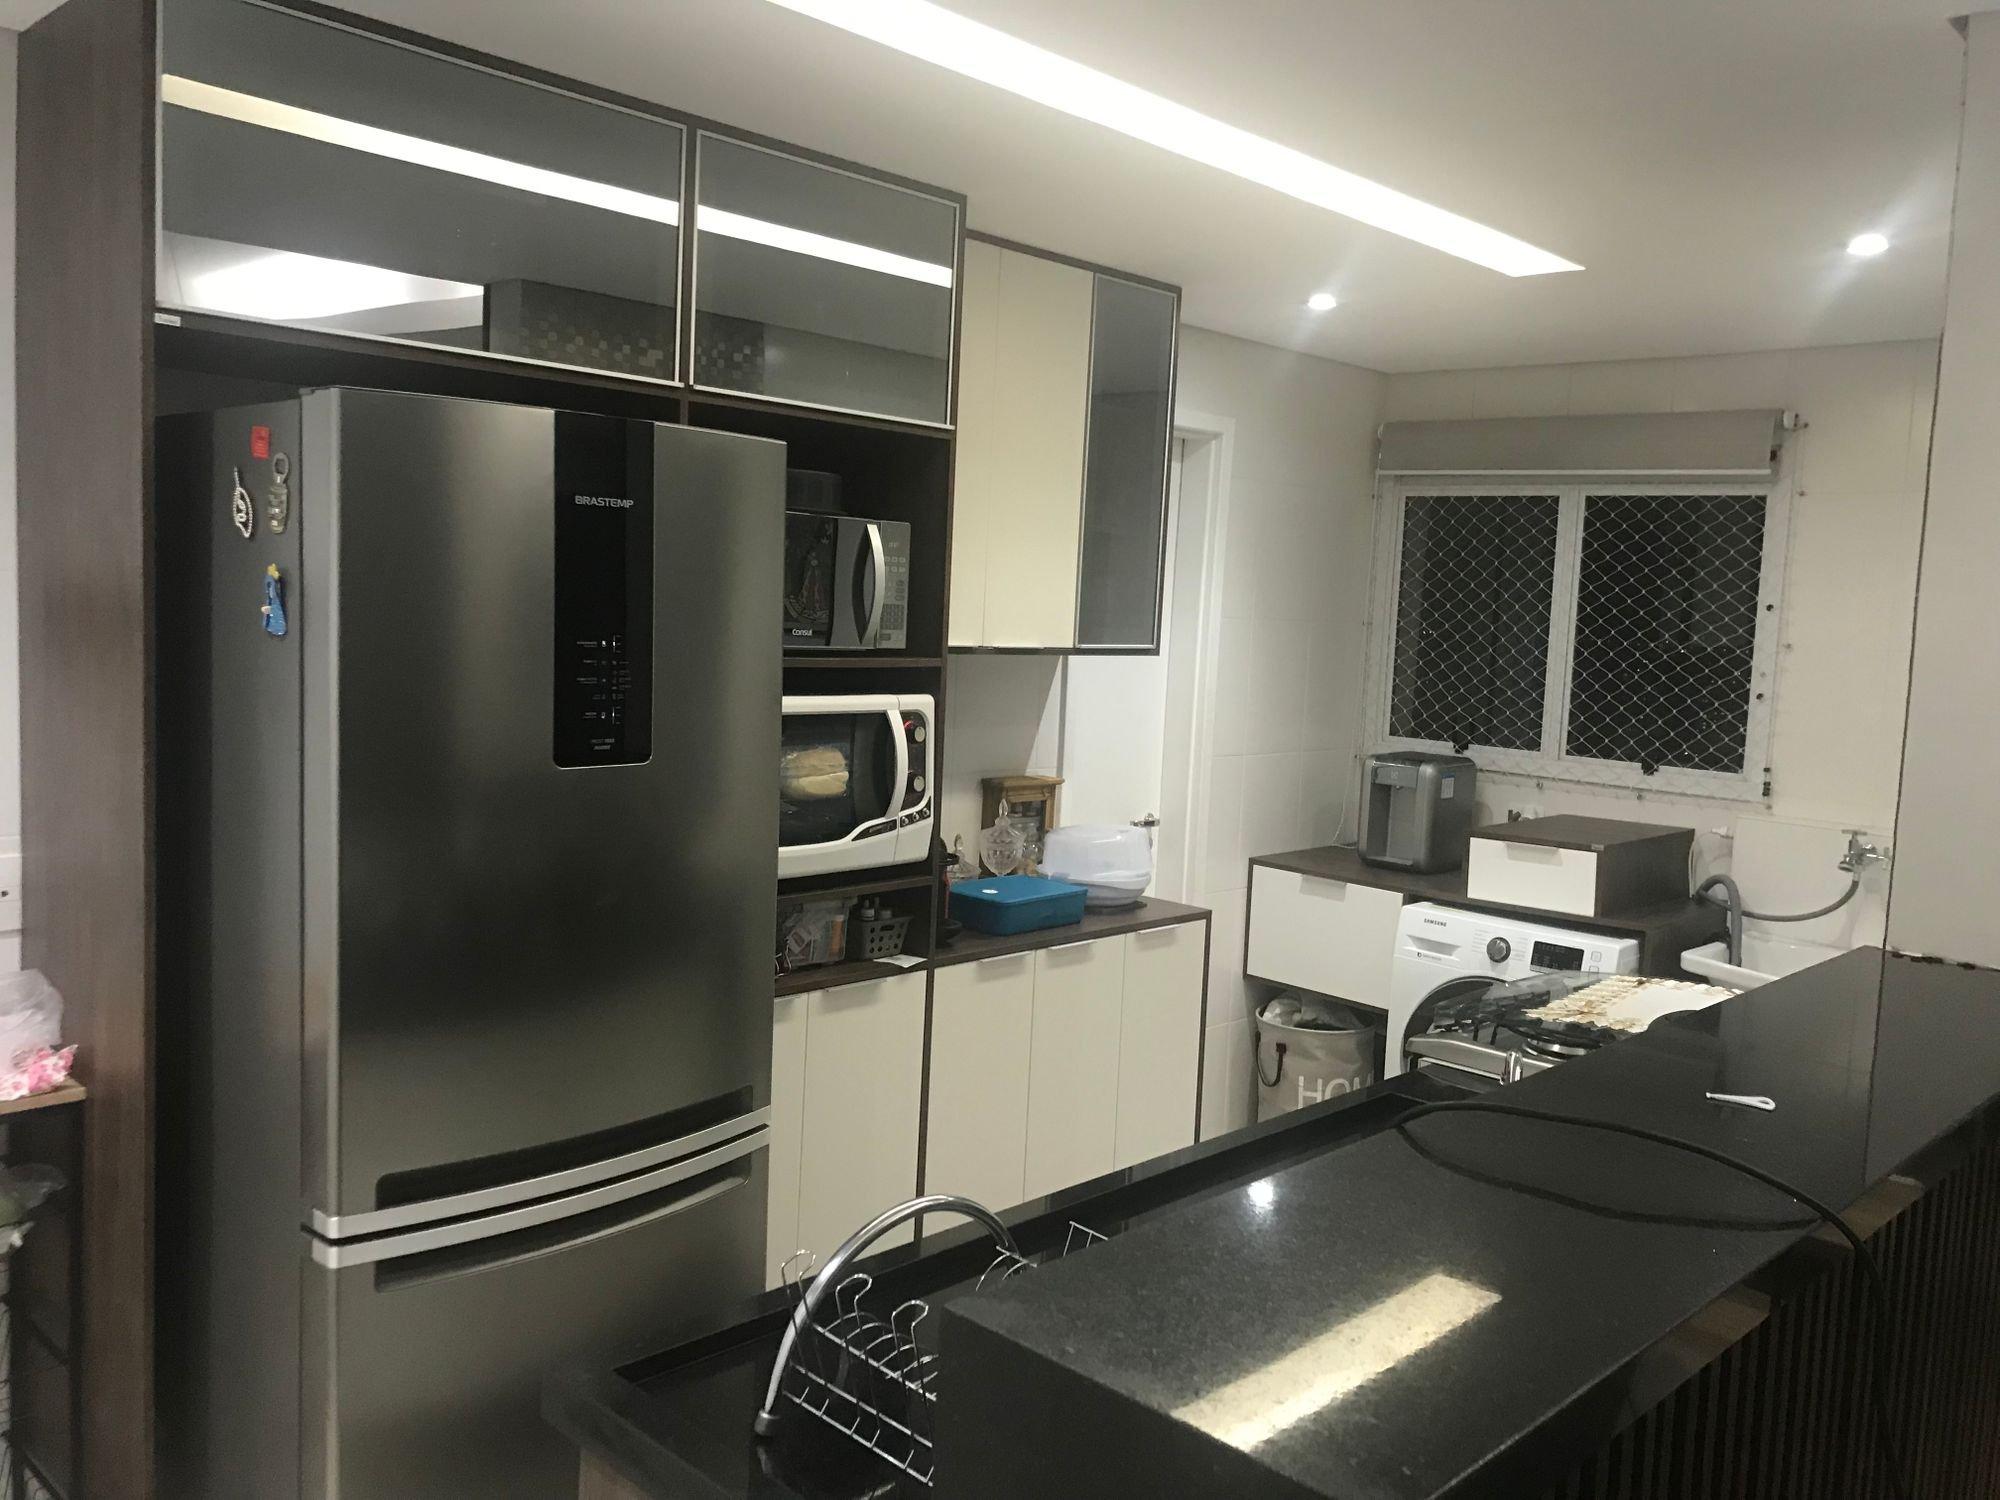 Foto de Cozinha com forno, tigela, geladeira, microondas